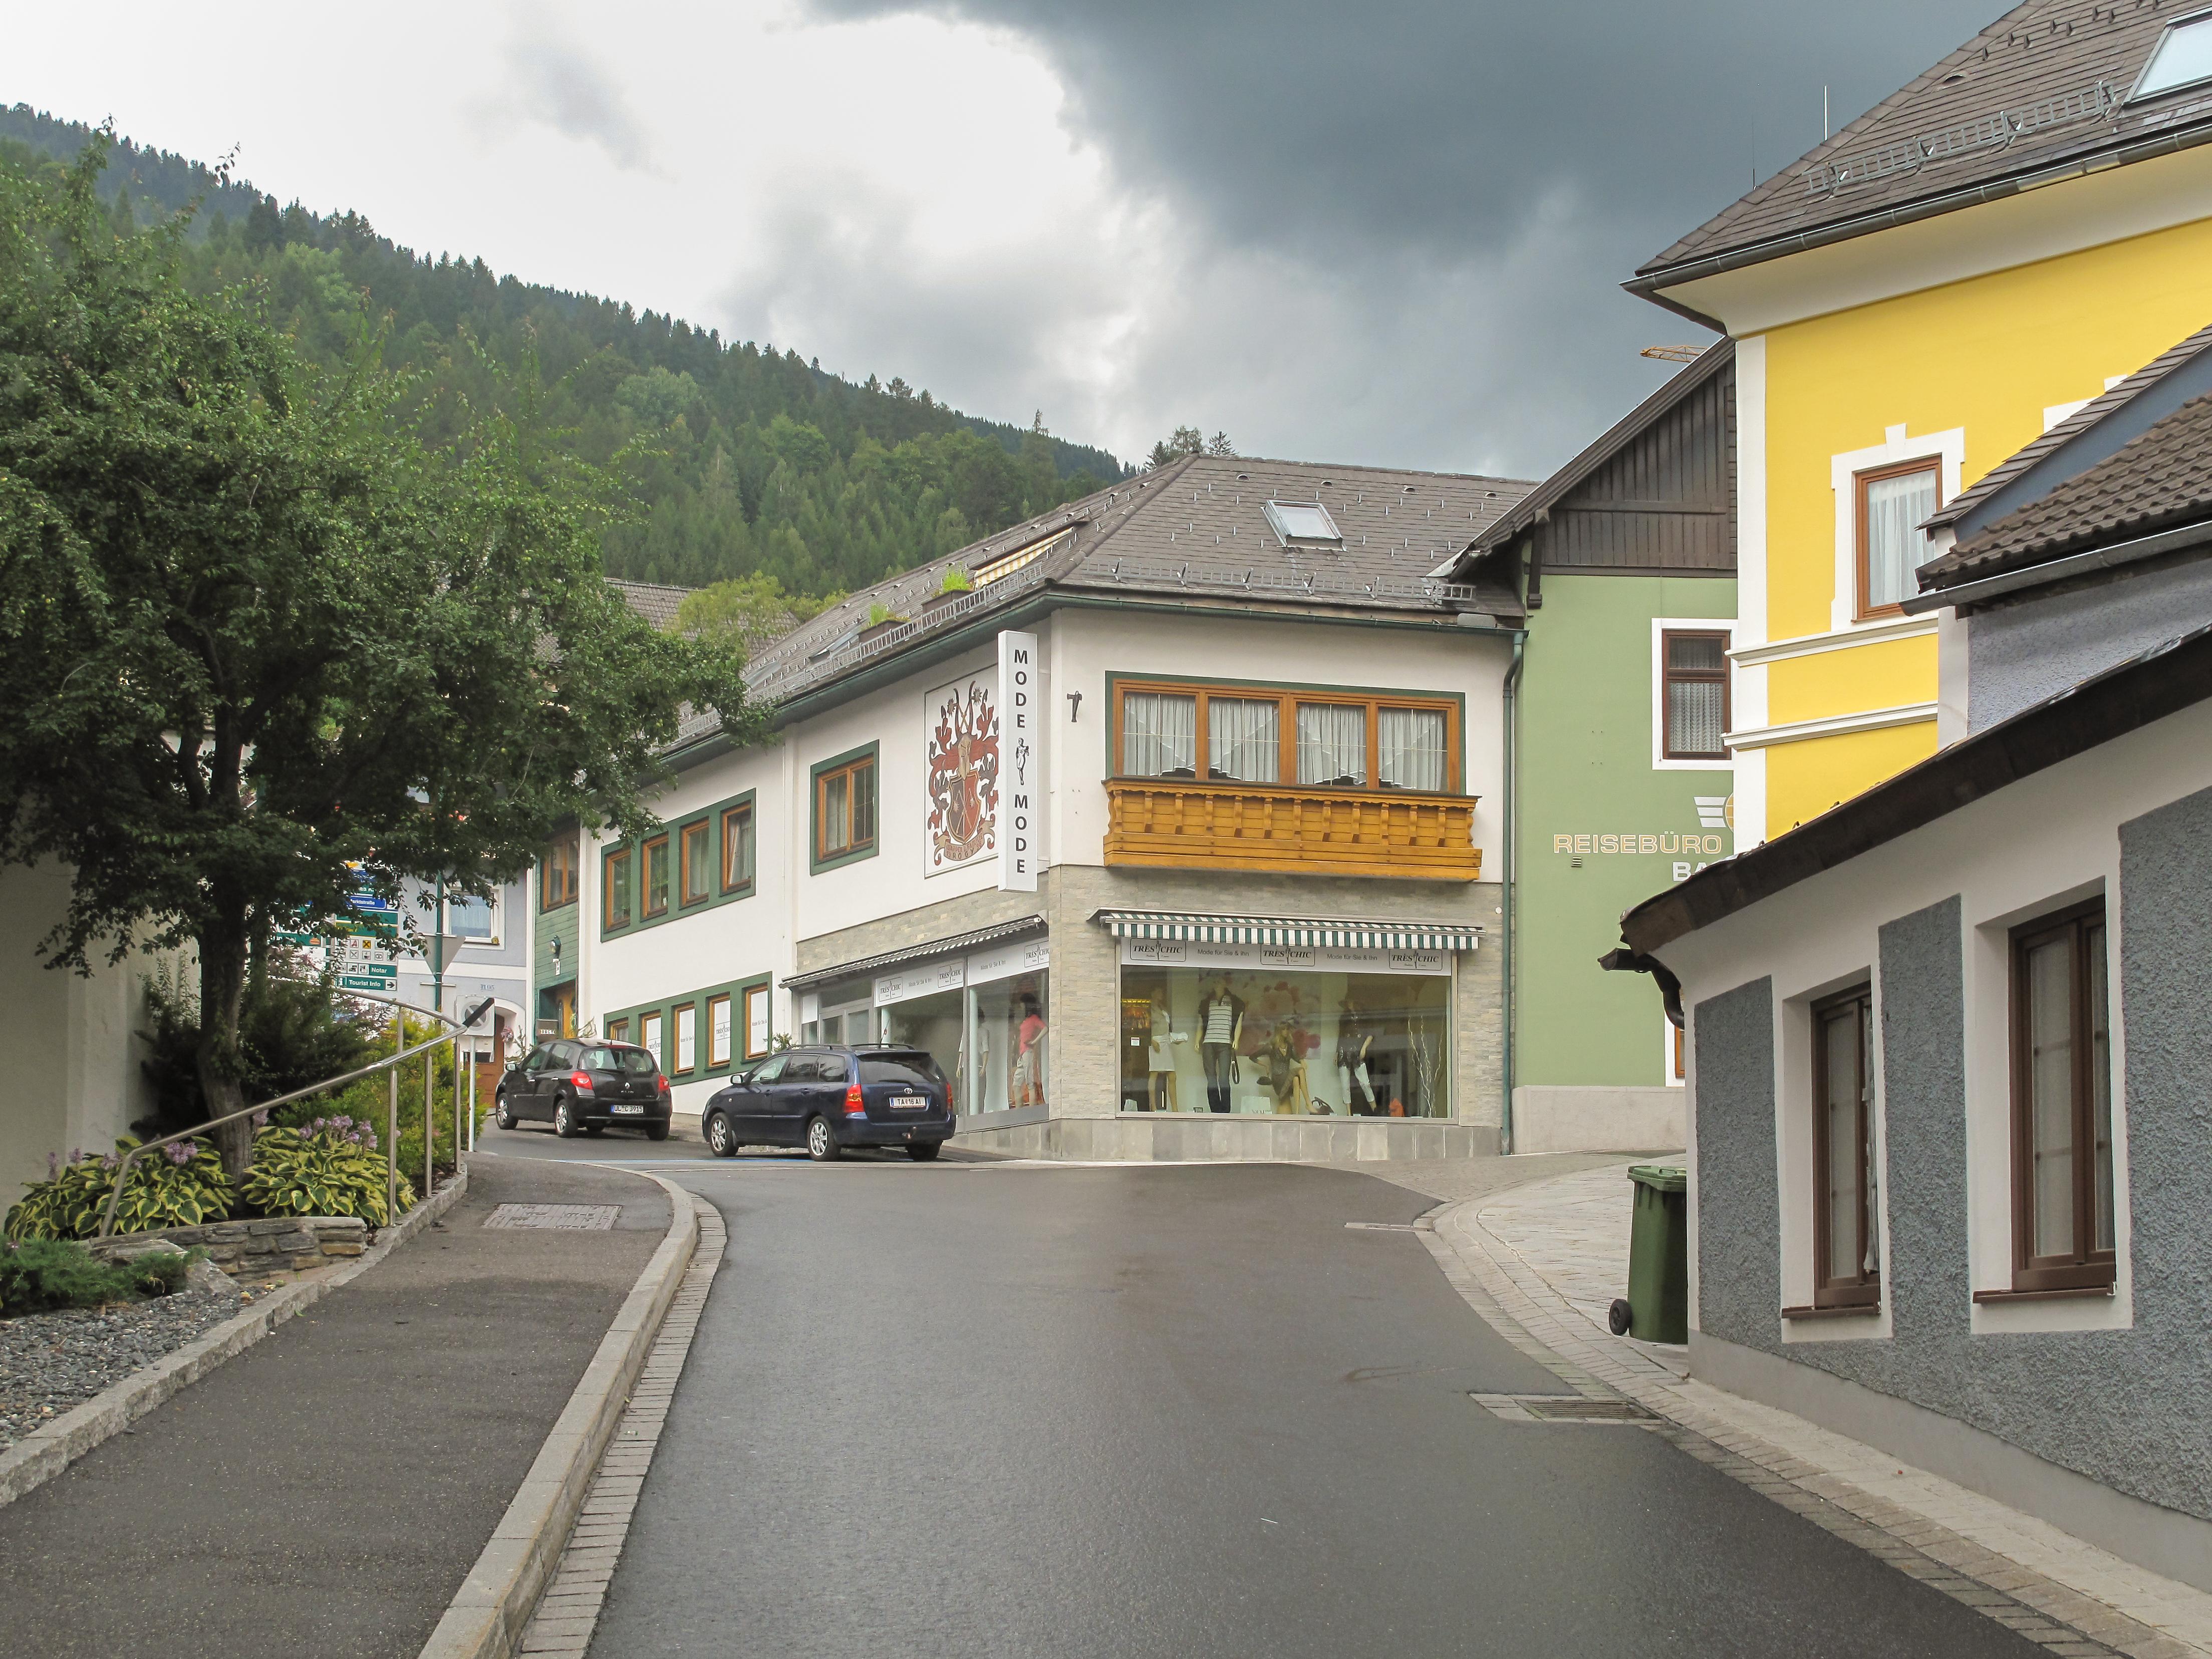 Groeck - Speiereck - Mauterndorf/Sankt Michael im Lungau